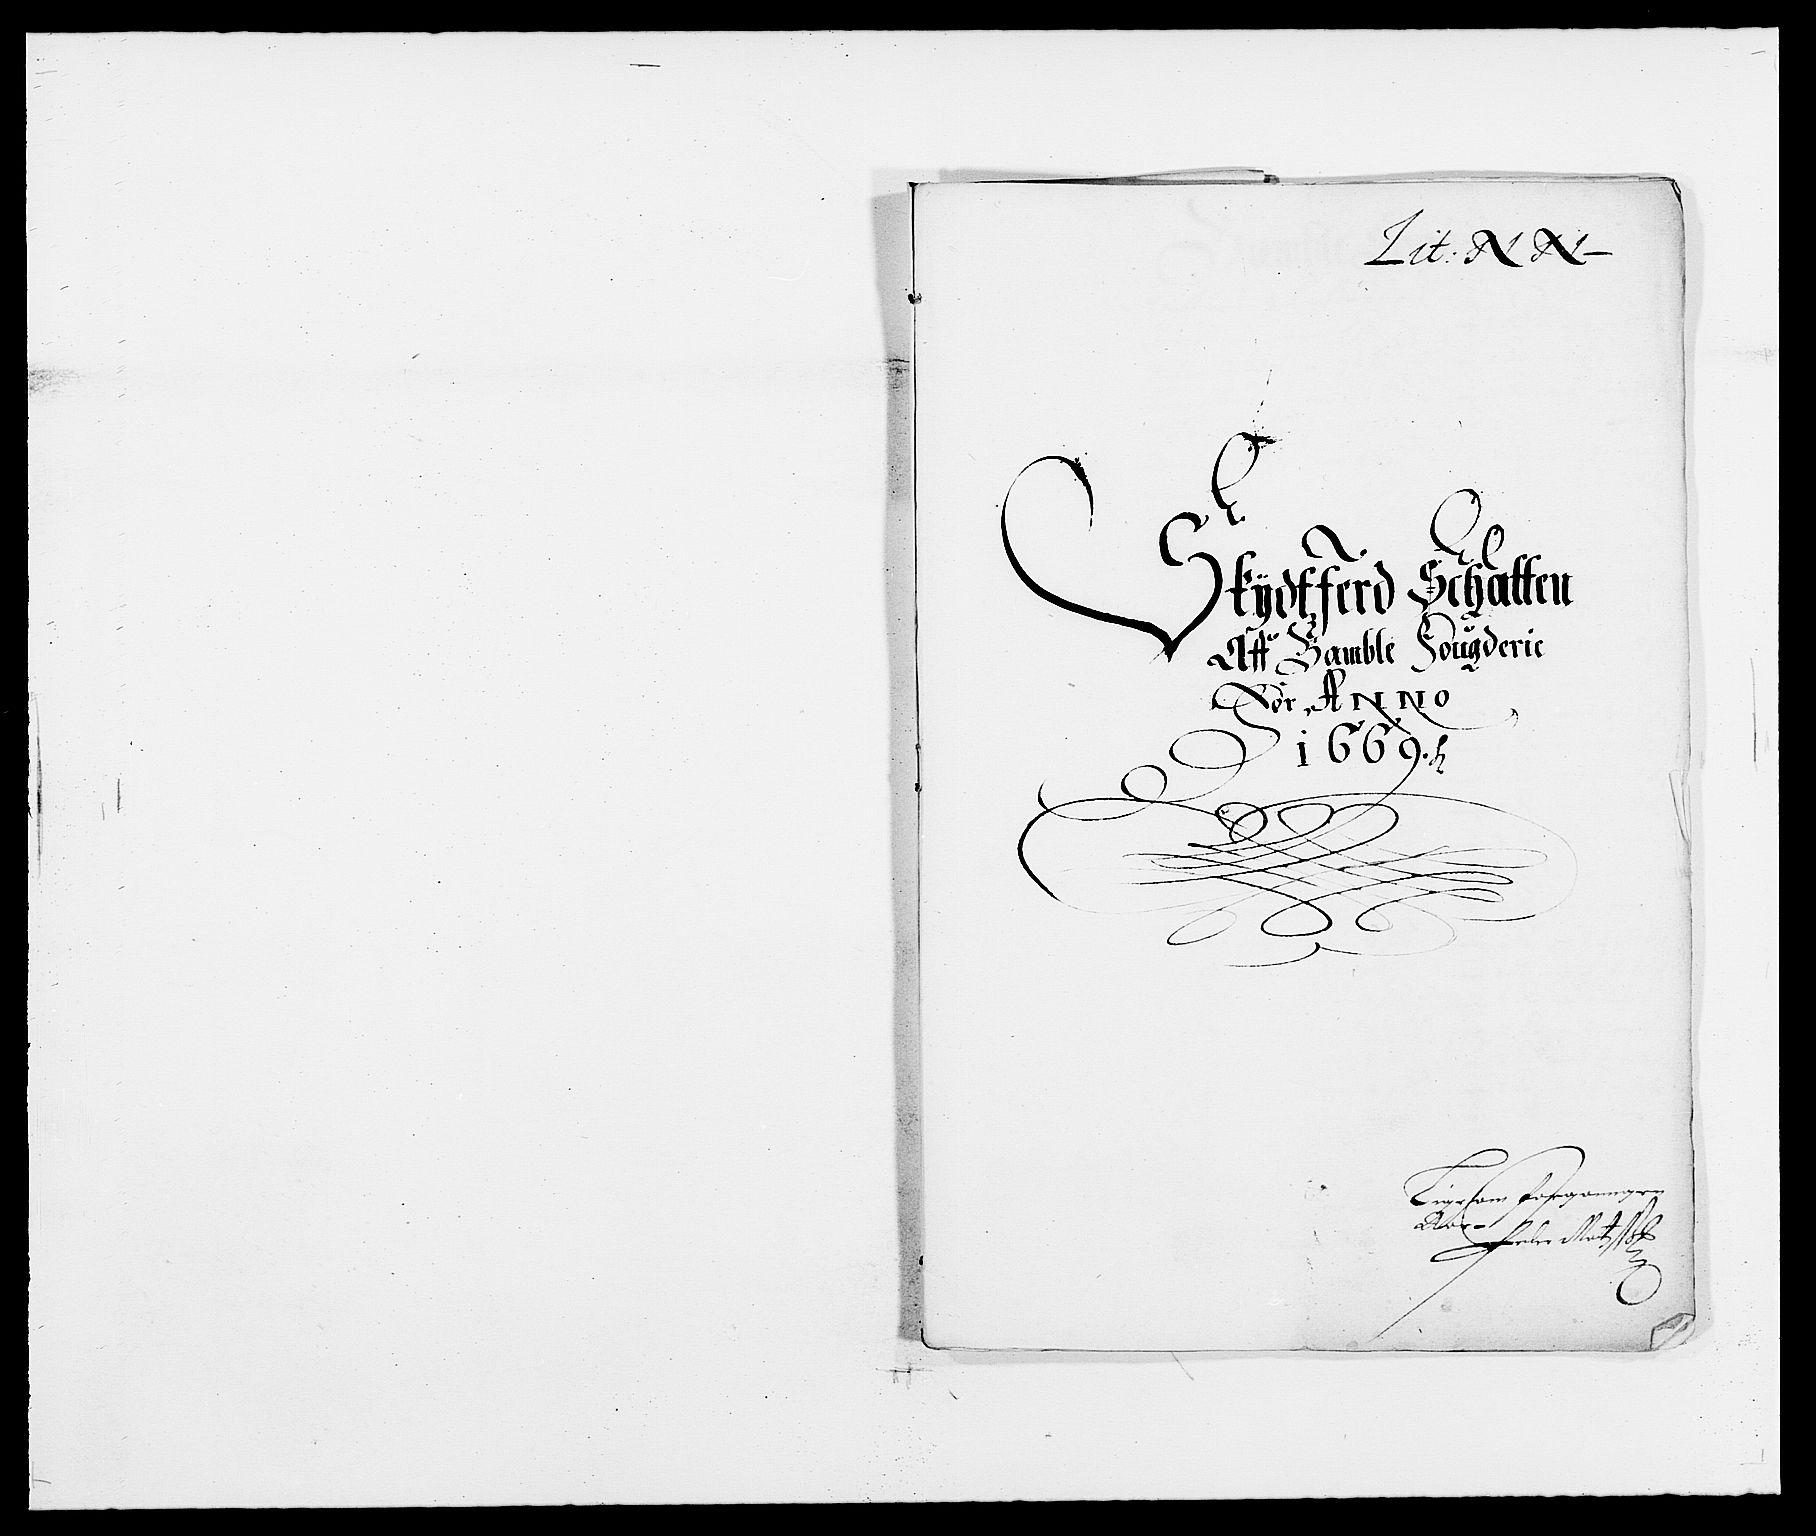 RA, Rentekammeret inntil 1814, Reviderte regnskaper, Fogderegnskap, R34/L2040: Fogderegnskap Bamble, 1662-1669, s. 173